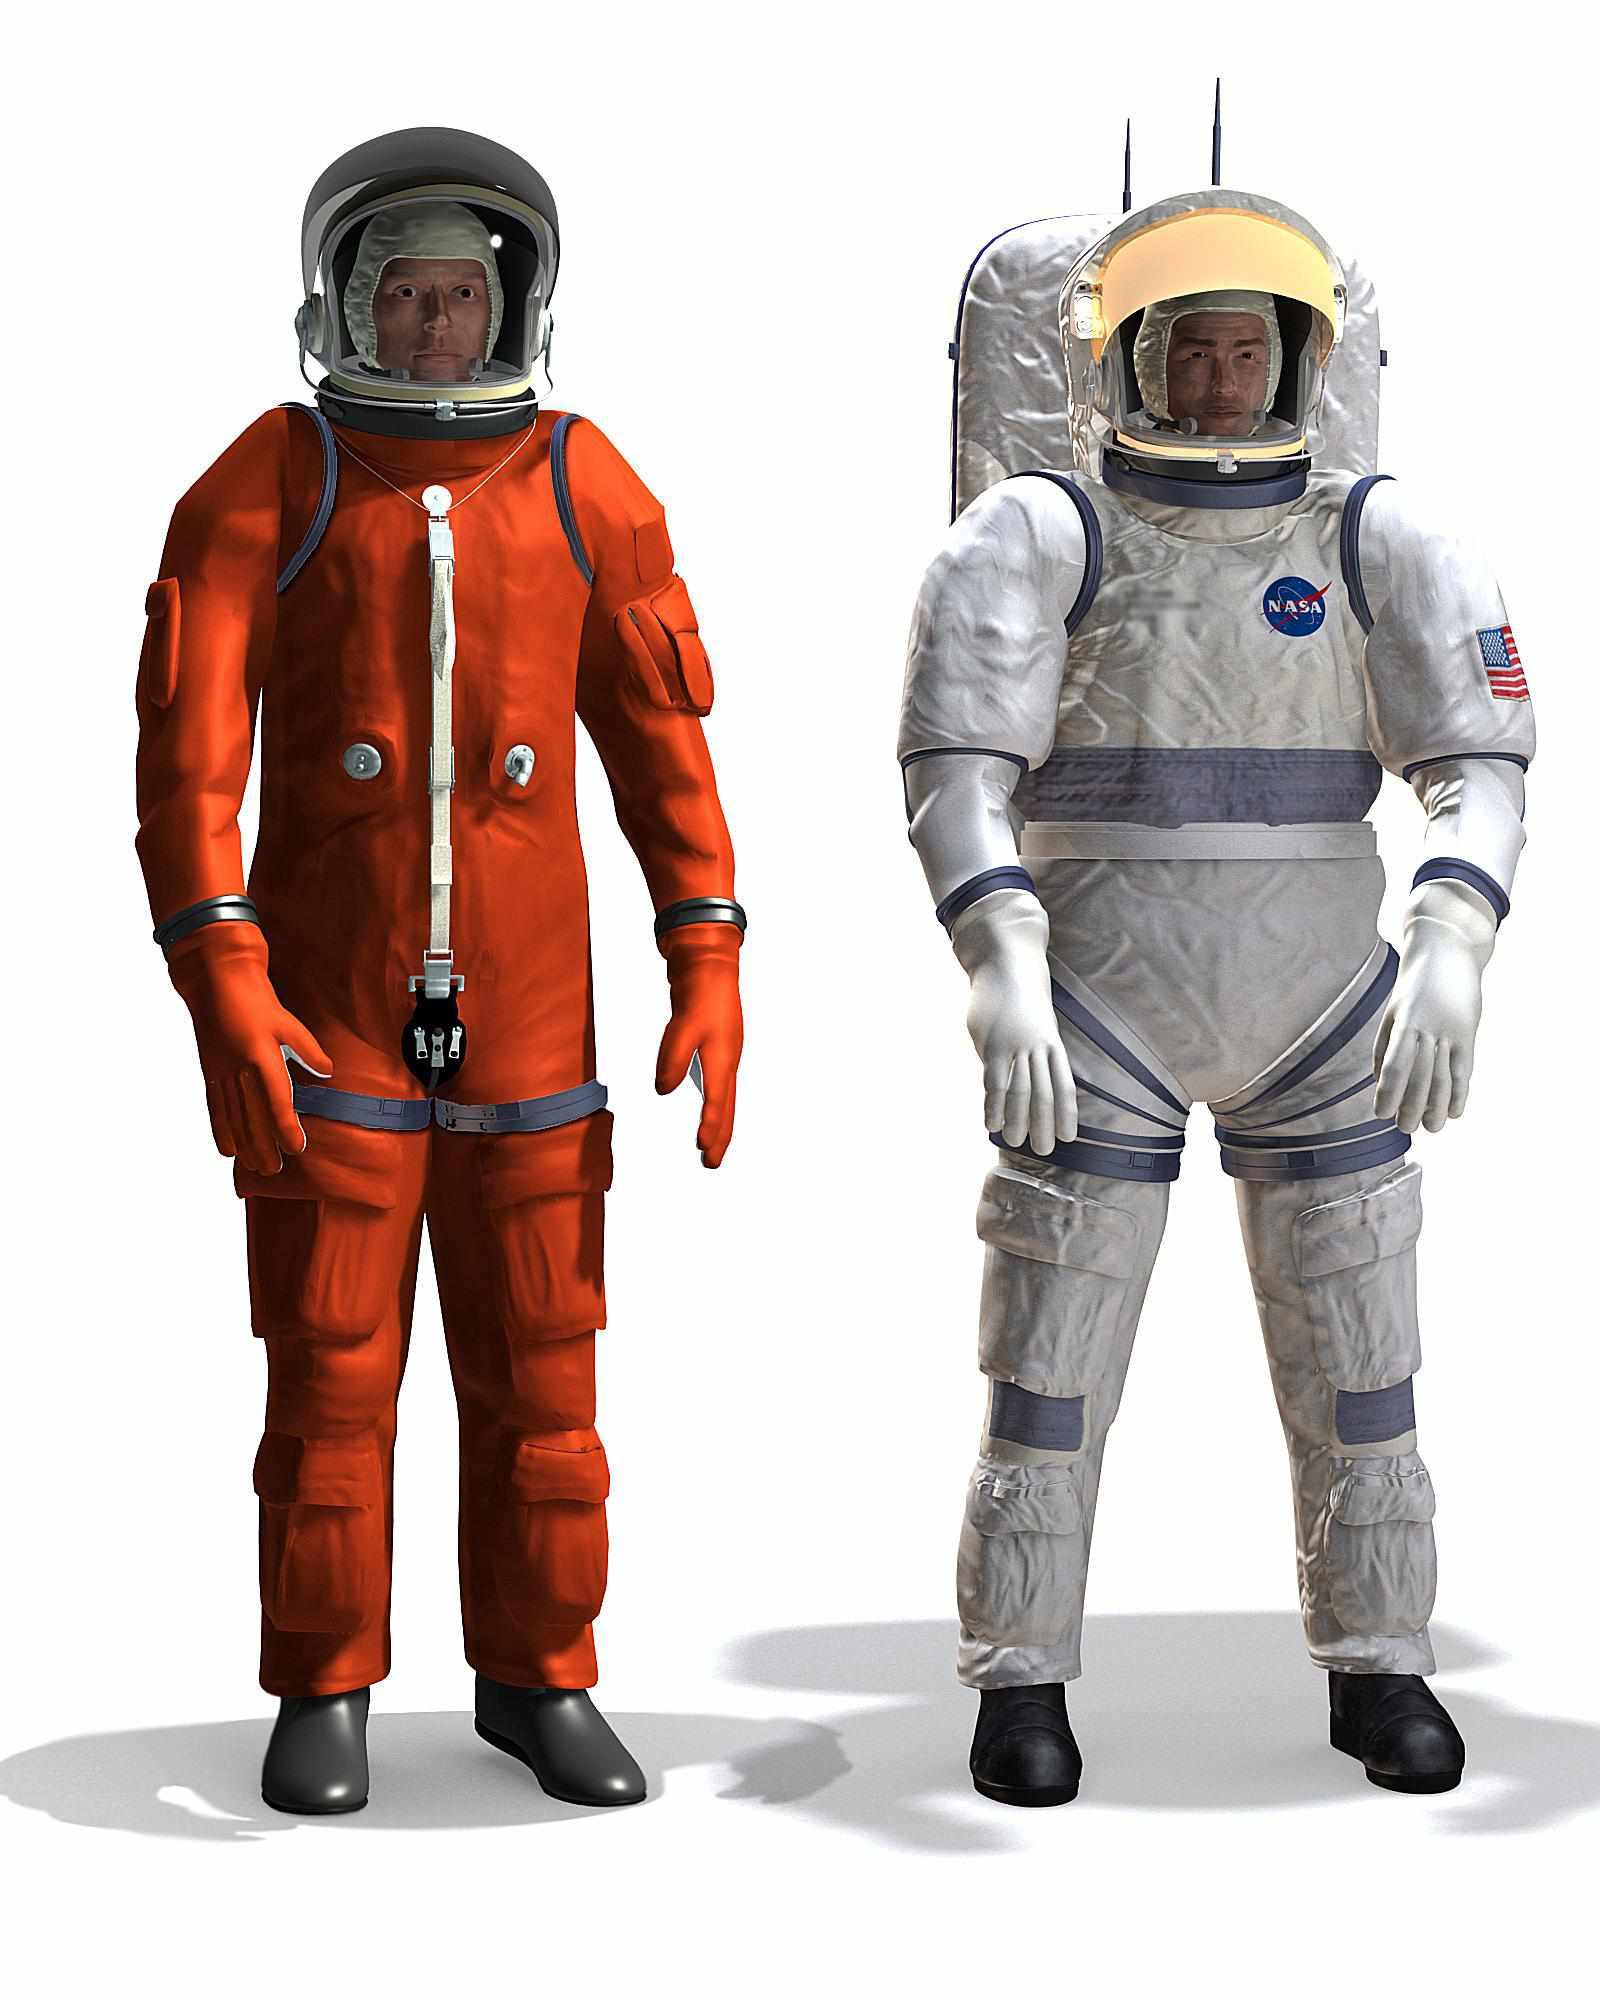 Constellation Space Suit Design